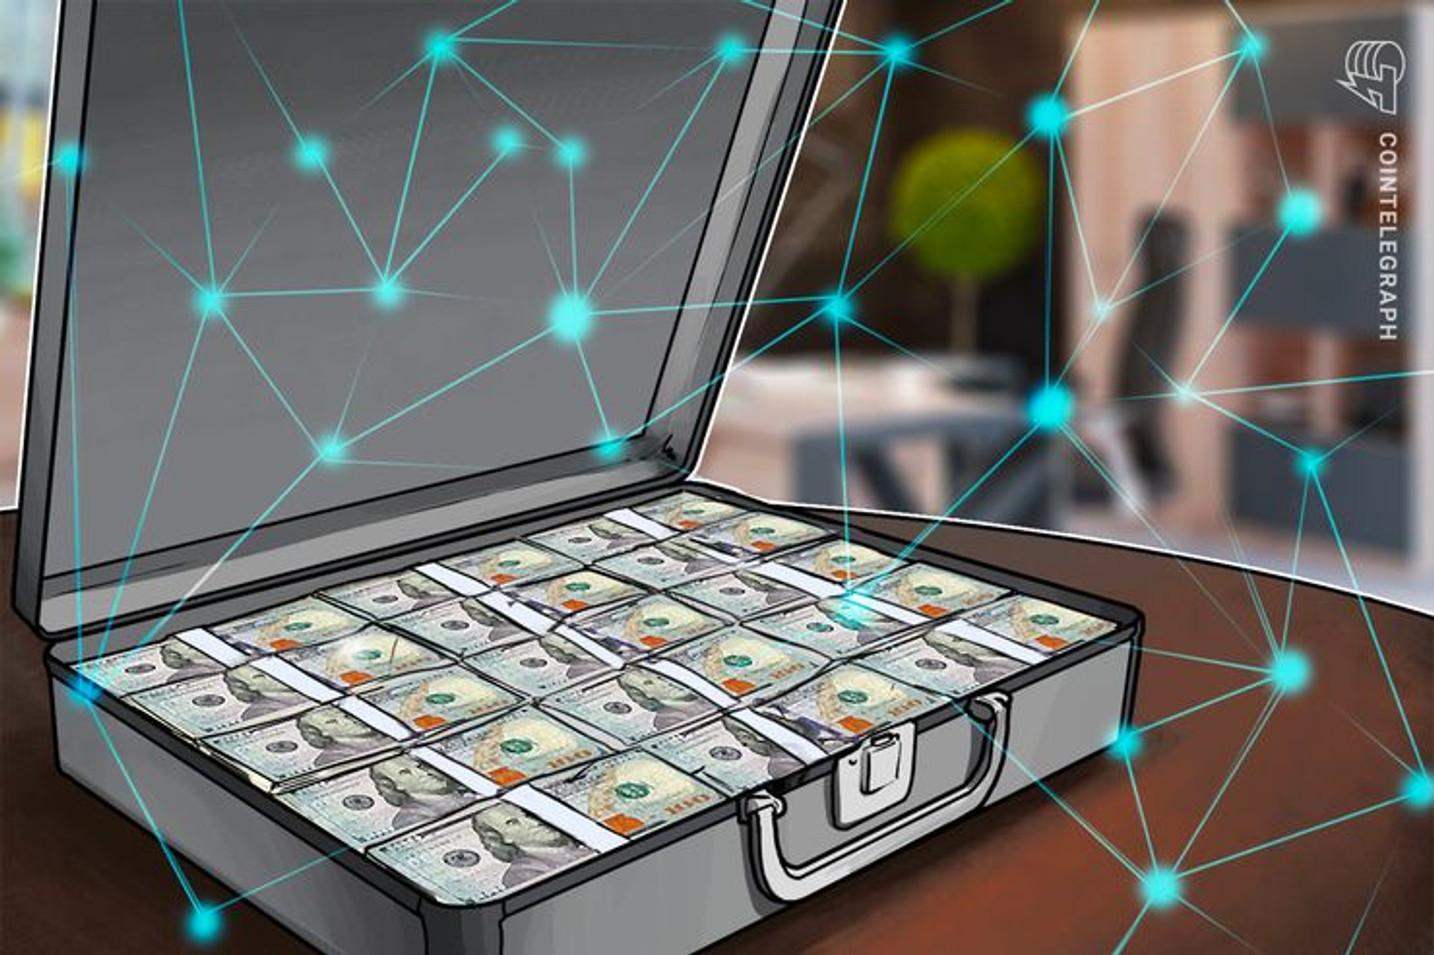 La fintech cripto Buenbit levanta una primera ronda de inversión de USD 11 millones